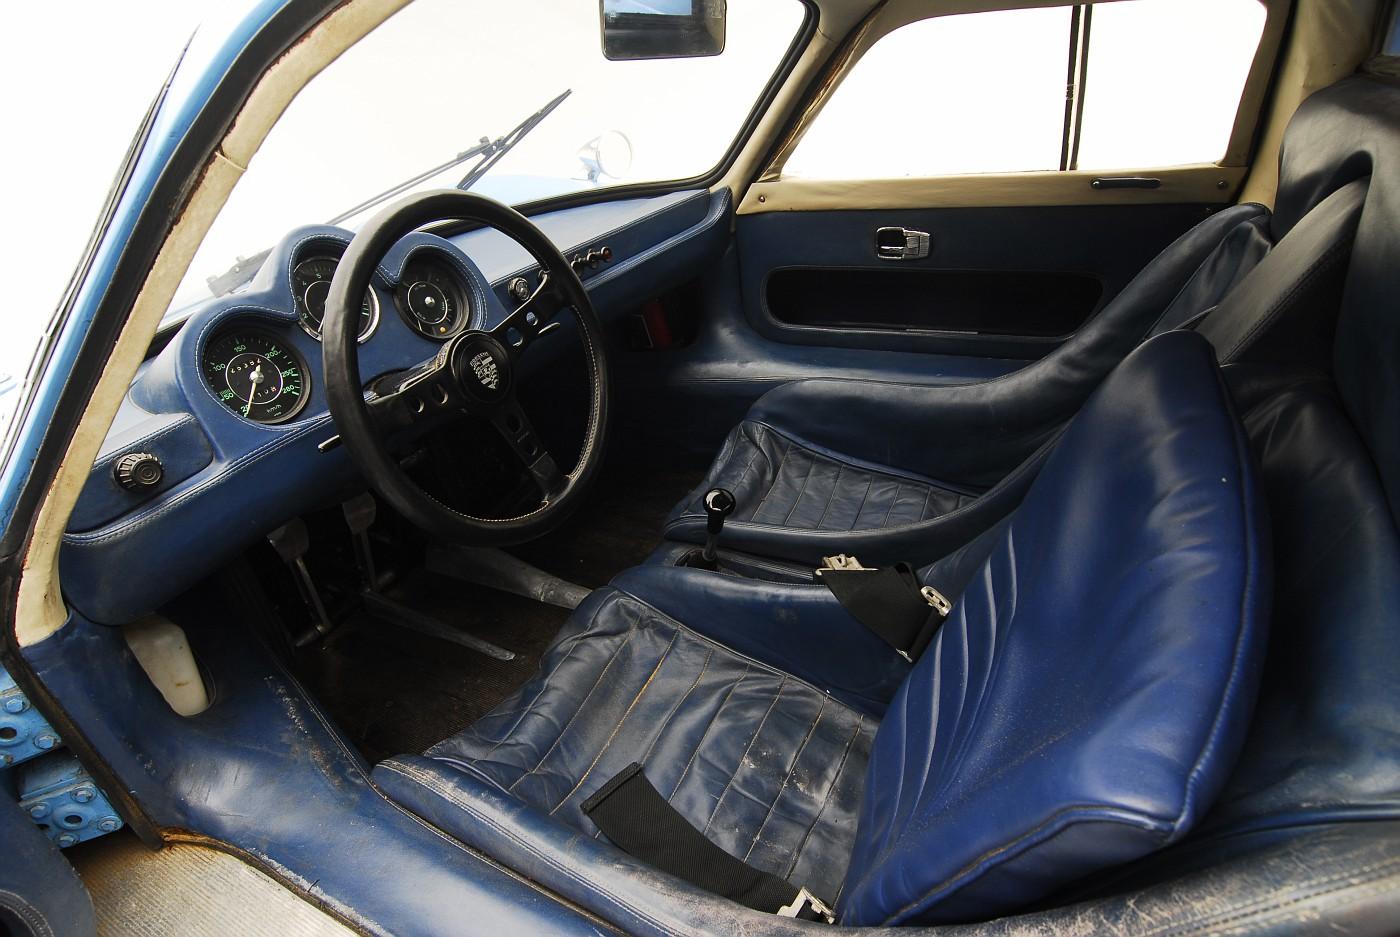 1964 Porsche 904 interior view